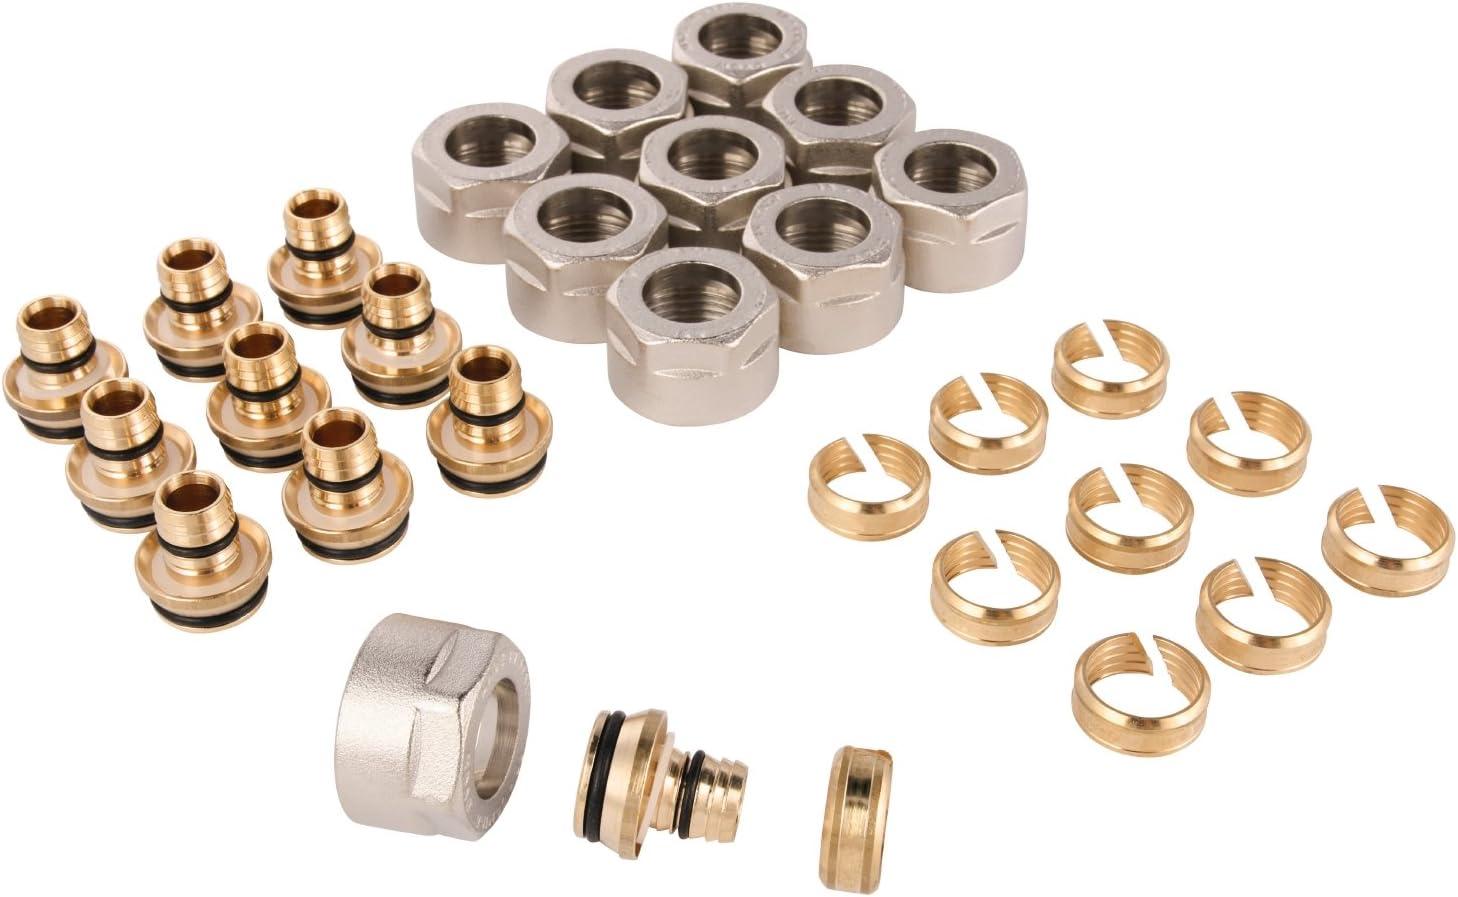 10/unidades con Atornillado Fitting para tubo multicapa, 1//2/A x 16/mm, cromo, 26112/8 Wiroflex Anillo de adaptador para tubo